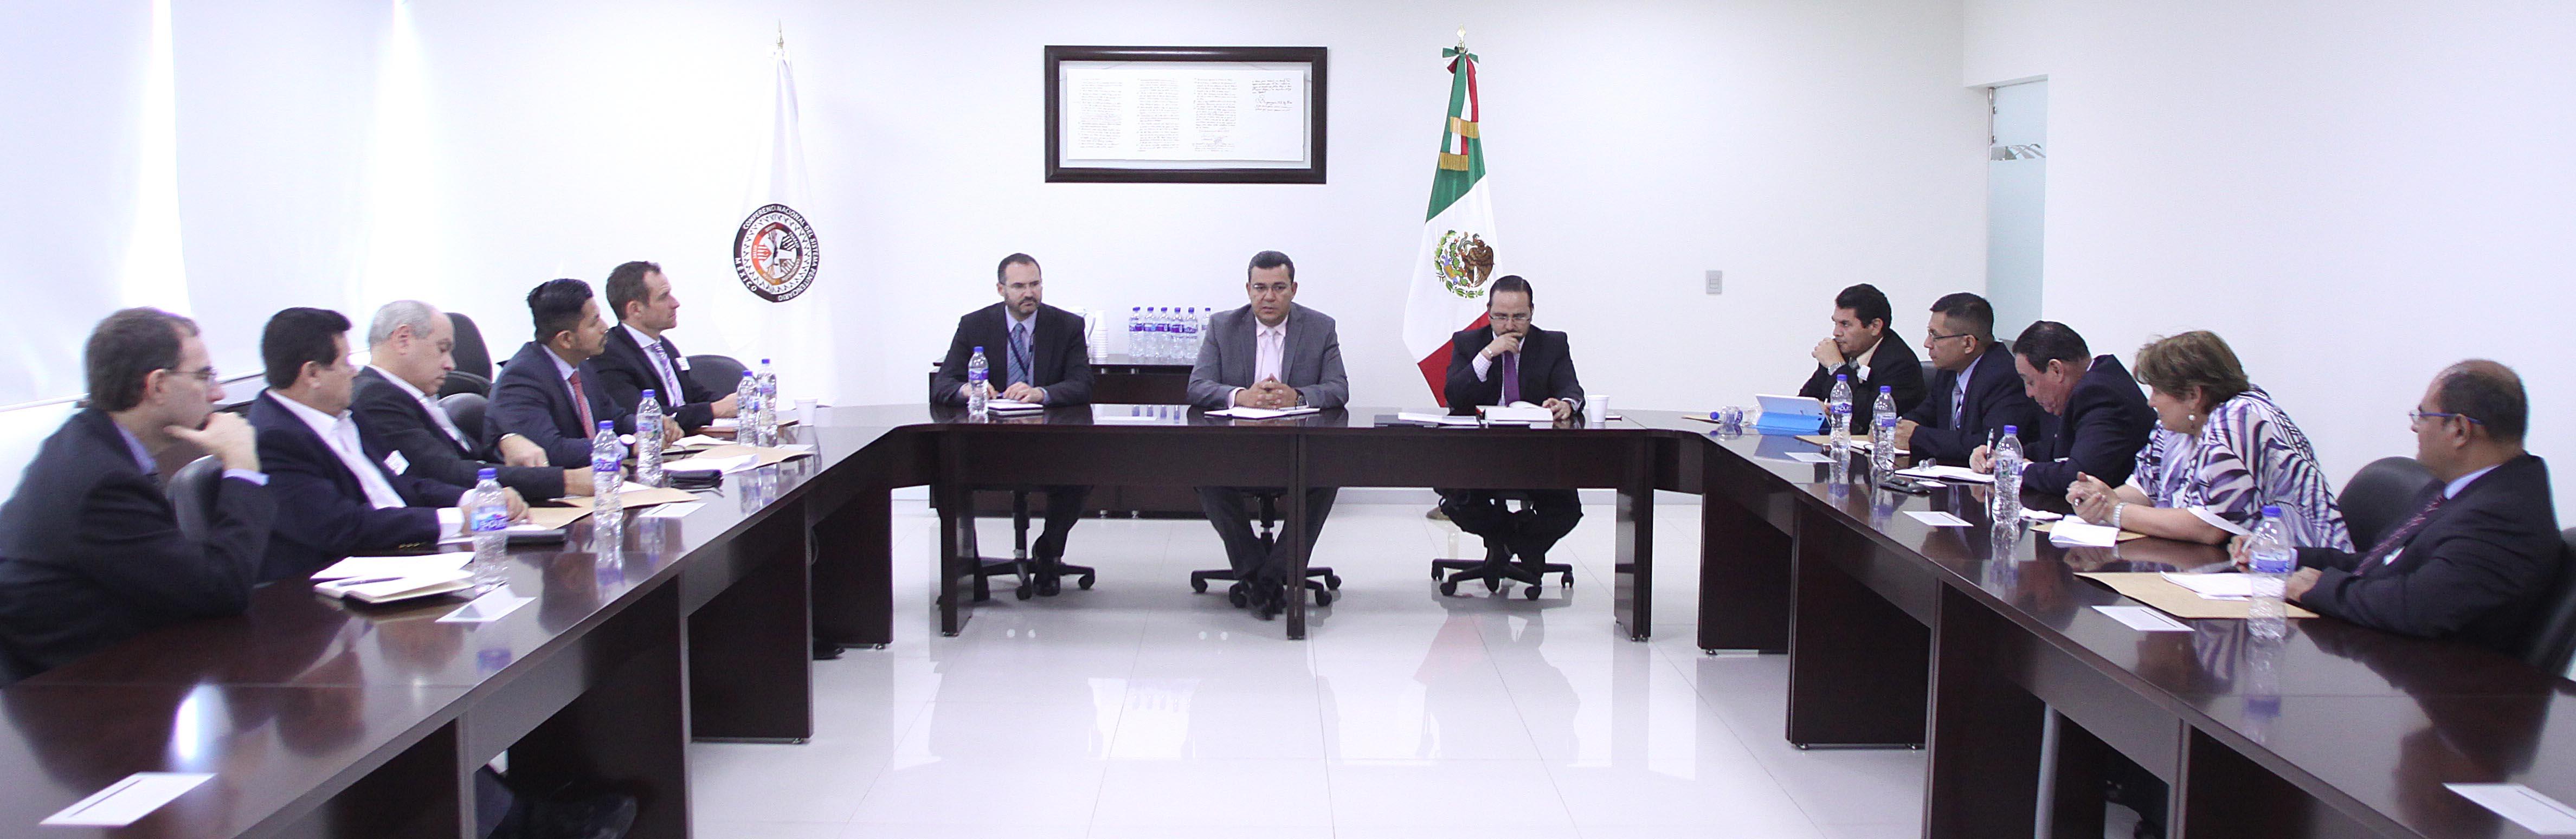 La Comisión Nacional de Seguridad, a través de Guerrero Durán, reiteró la disposición y apertura plena para coadyuvar, en el marco de la política de cooperación internacional de México, con las autoridades salvadoreñas